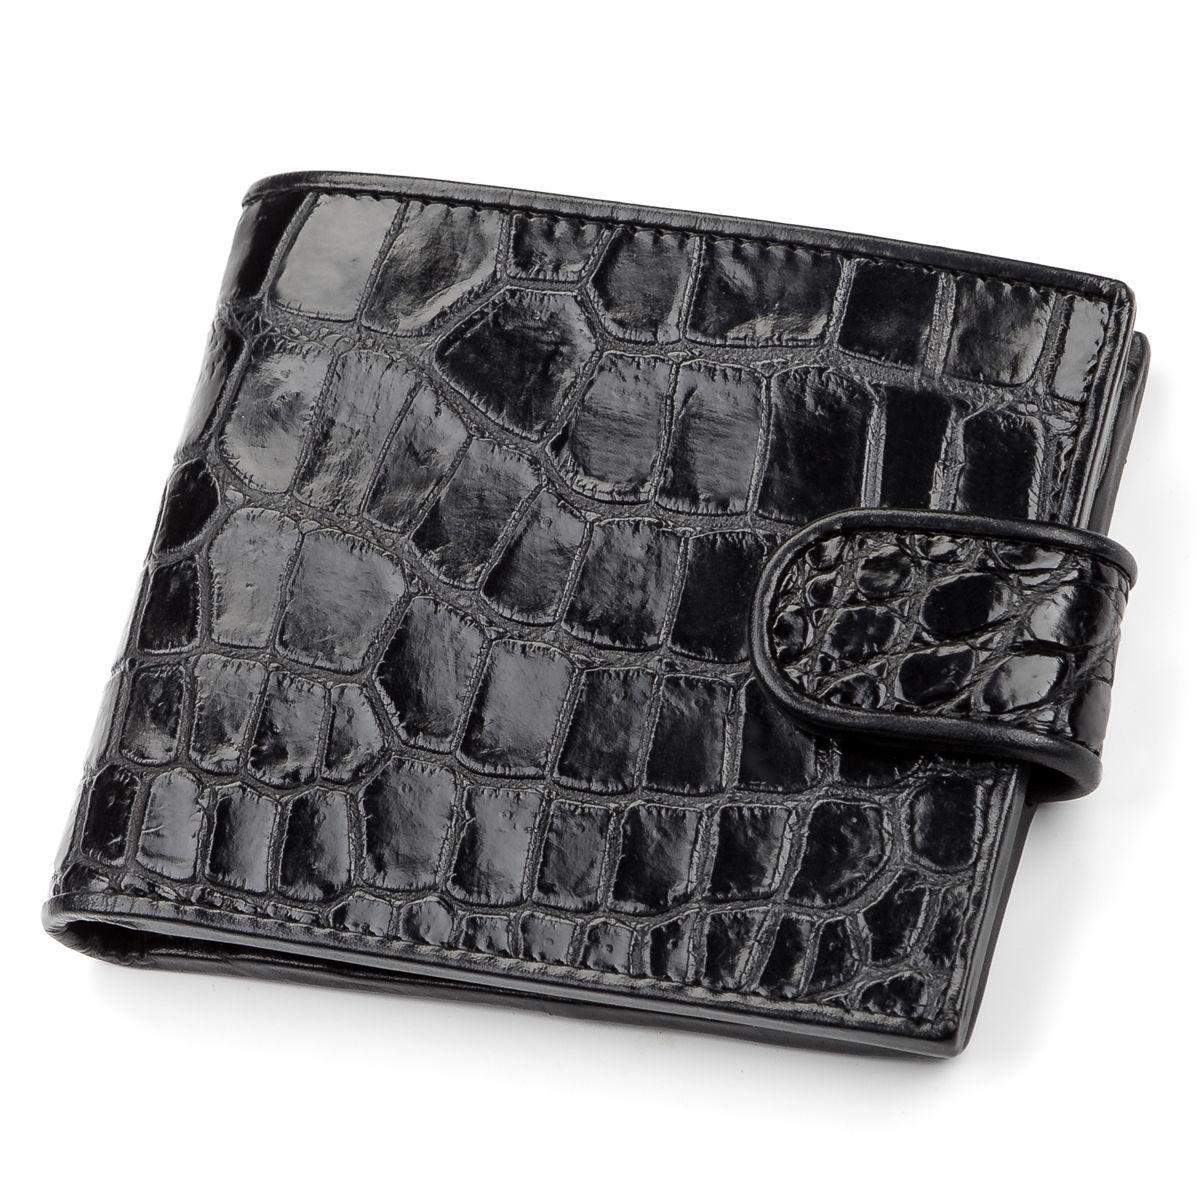 Портмоне Ekzotic Leather из натуральной кожи крокодила Черное   (cw 51)